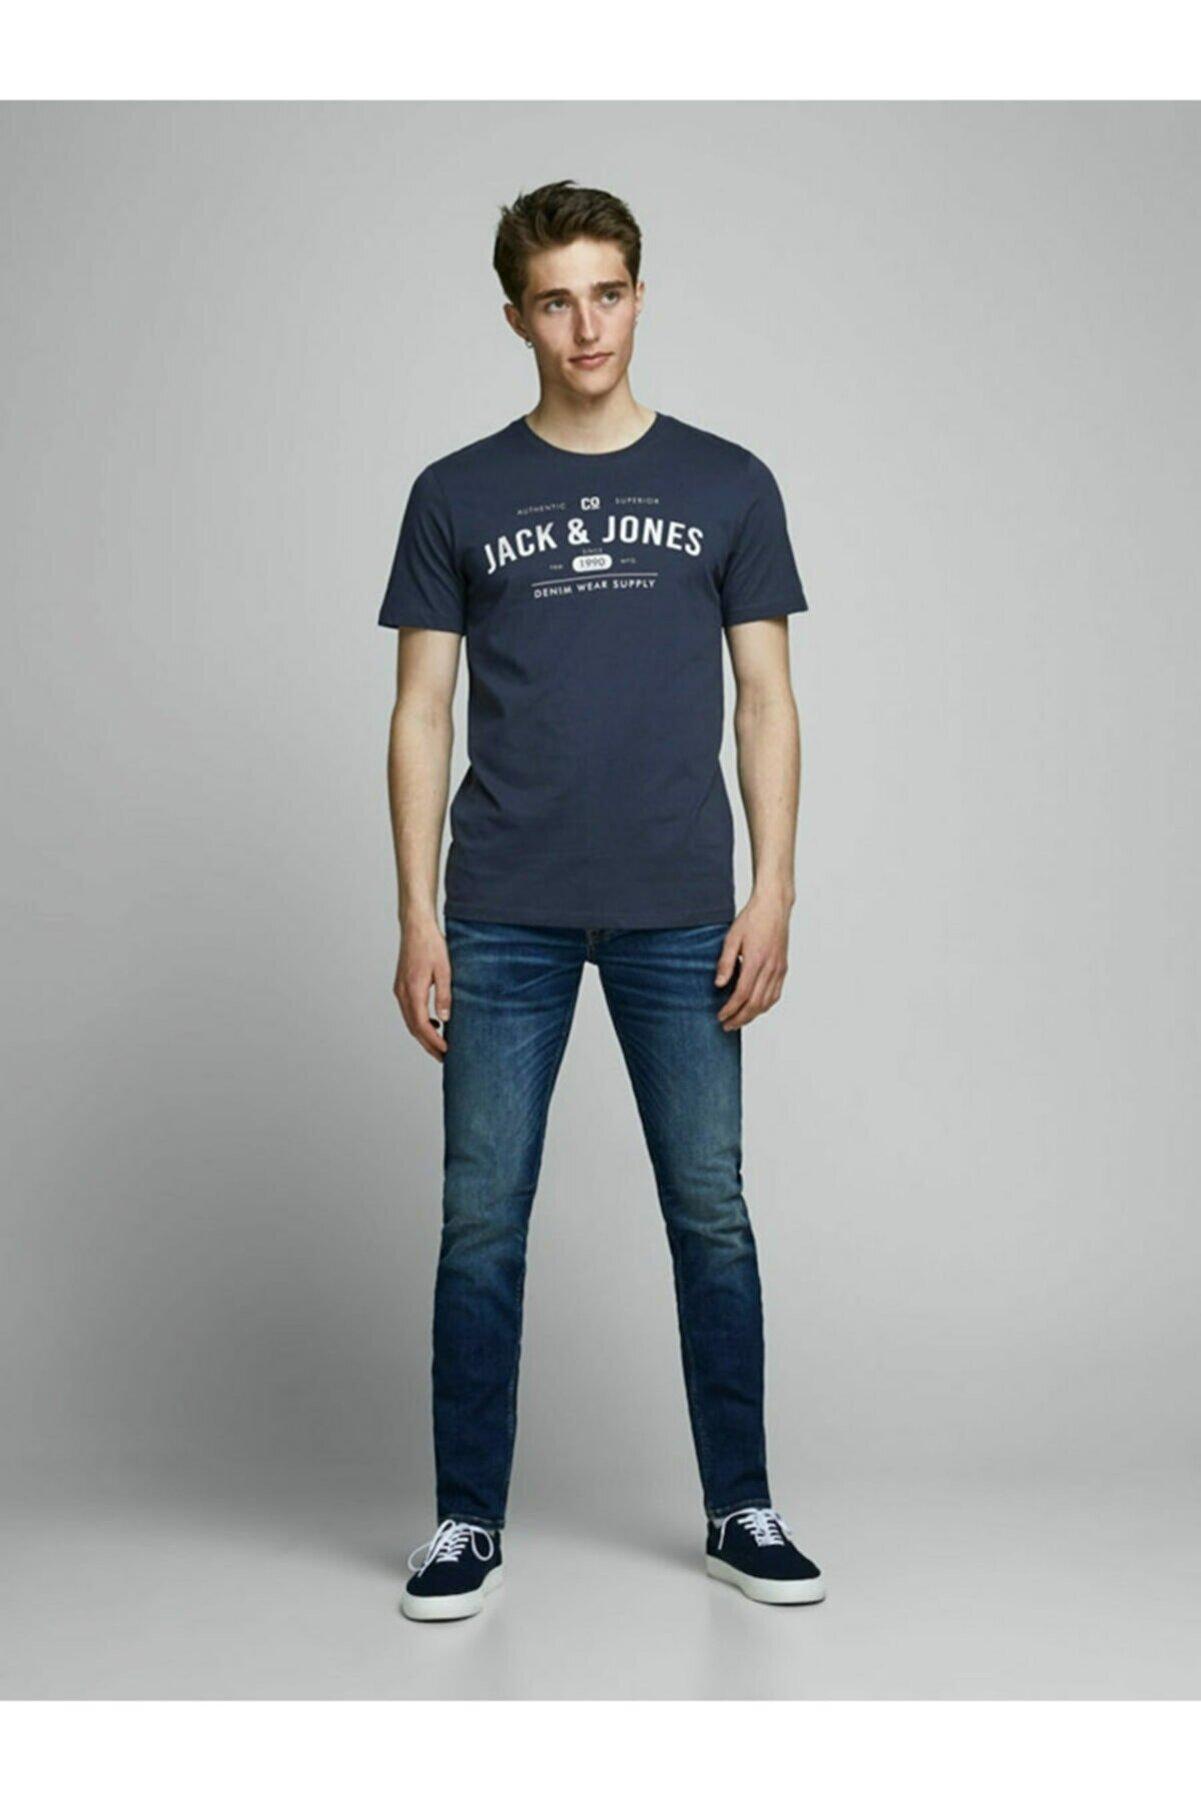 Jack & Jones Bisiklet Yaka Kısa Kol Slim Fit Baskılı Mavi Erkek T-shirt